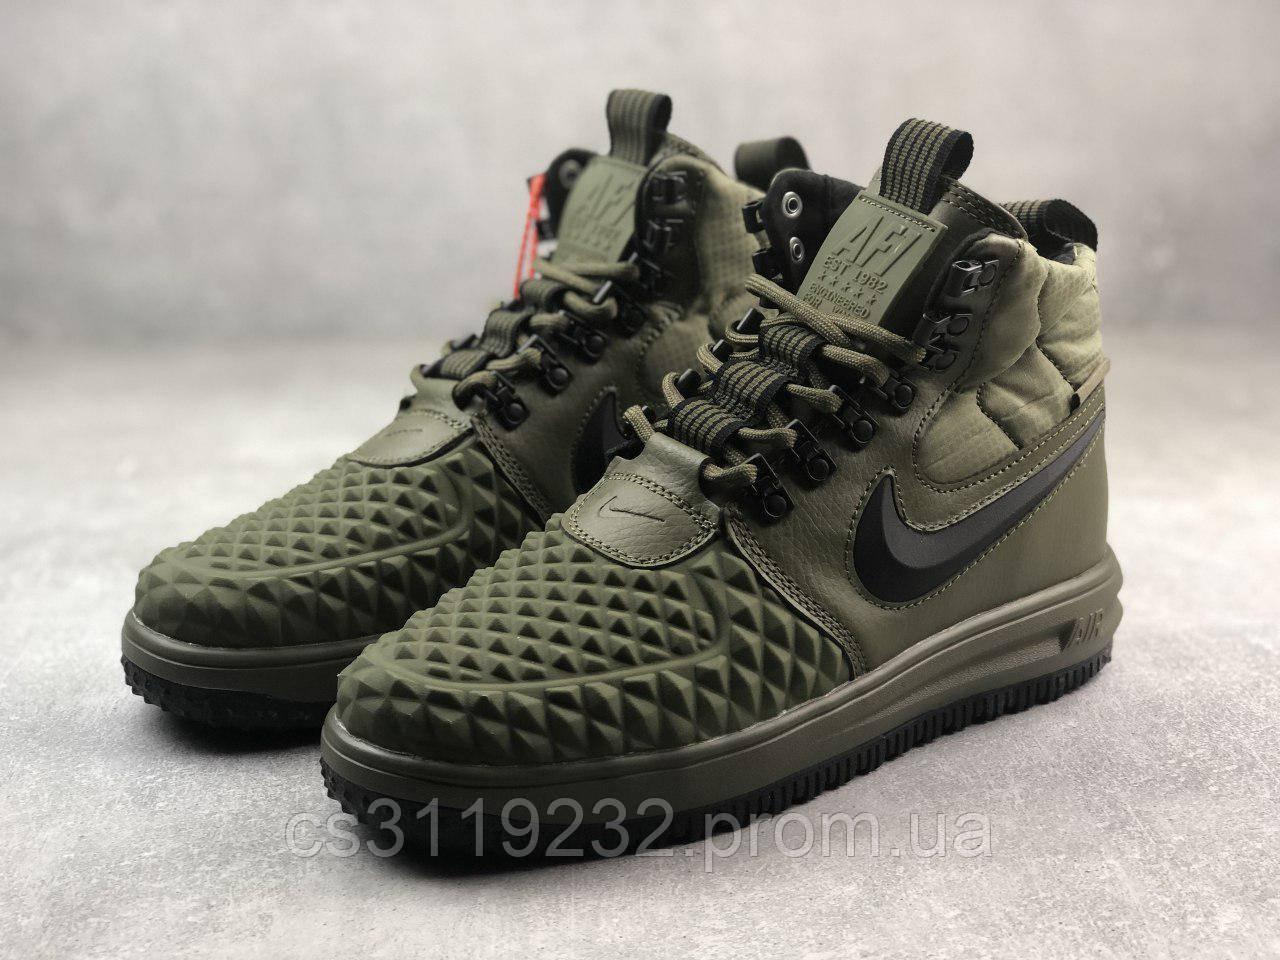 Мужские кроссовки Nike Lunar Force 1 Duckboot 17 (зеленые)